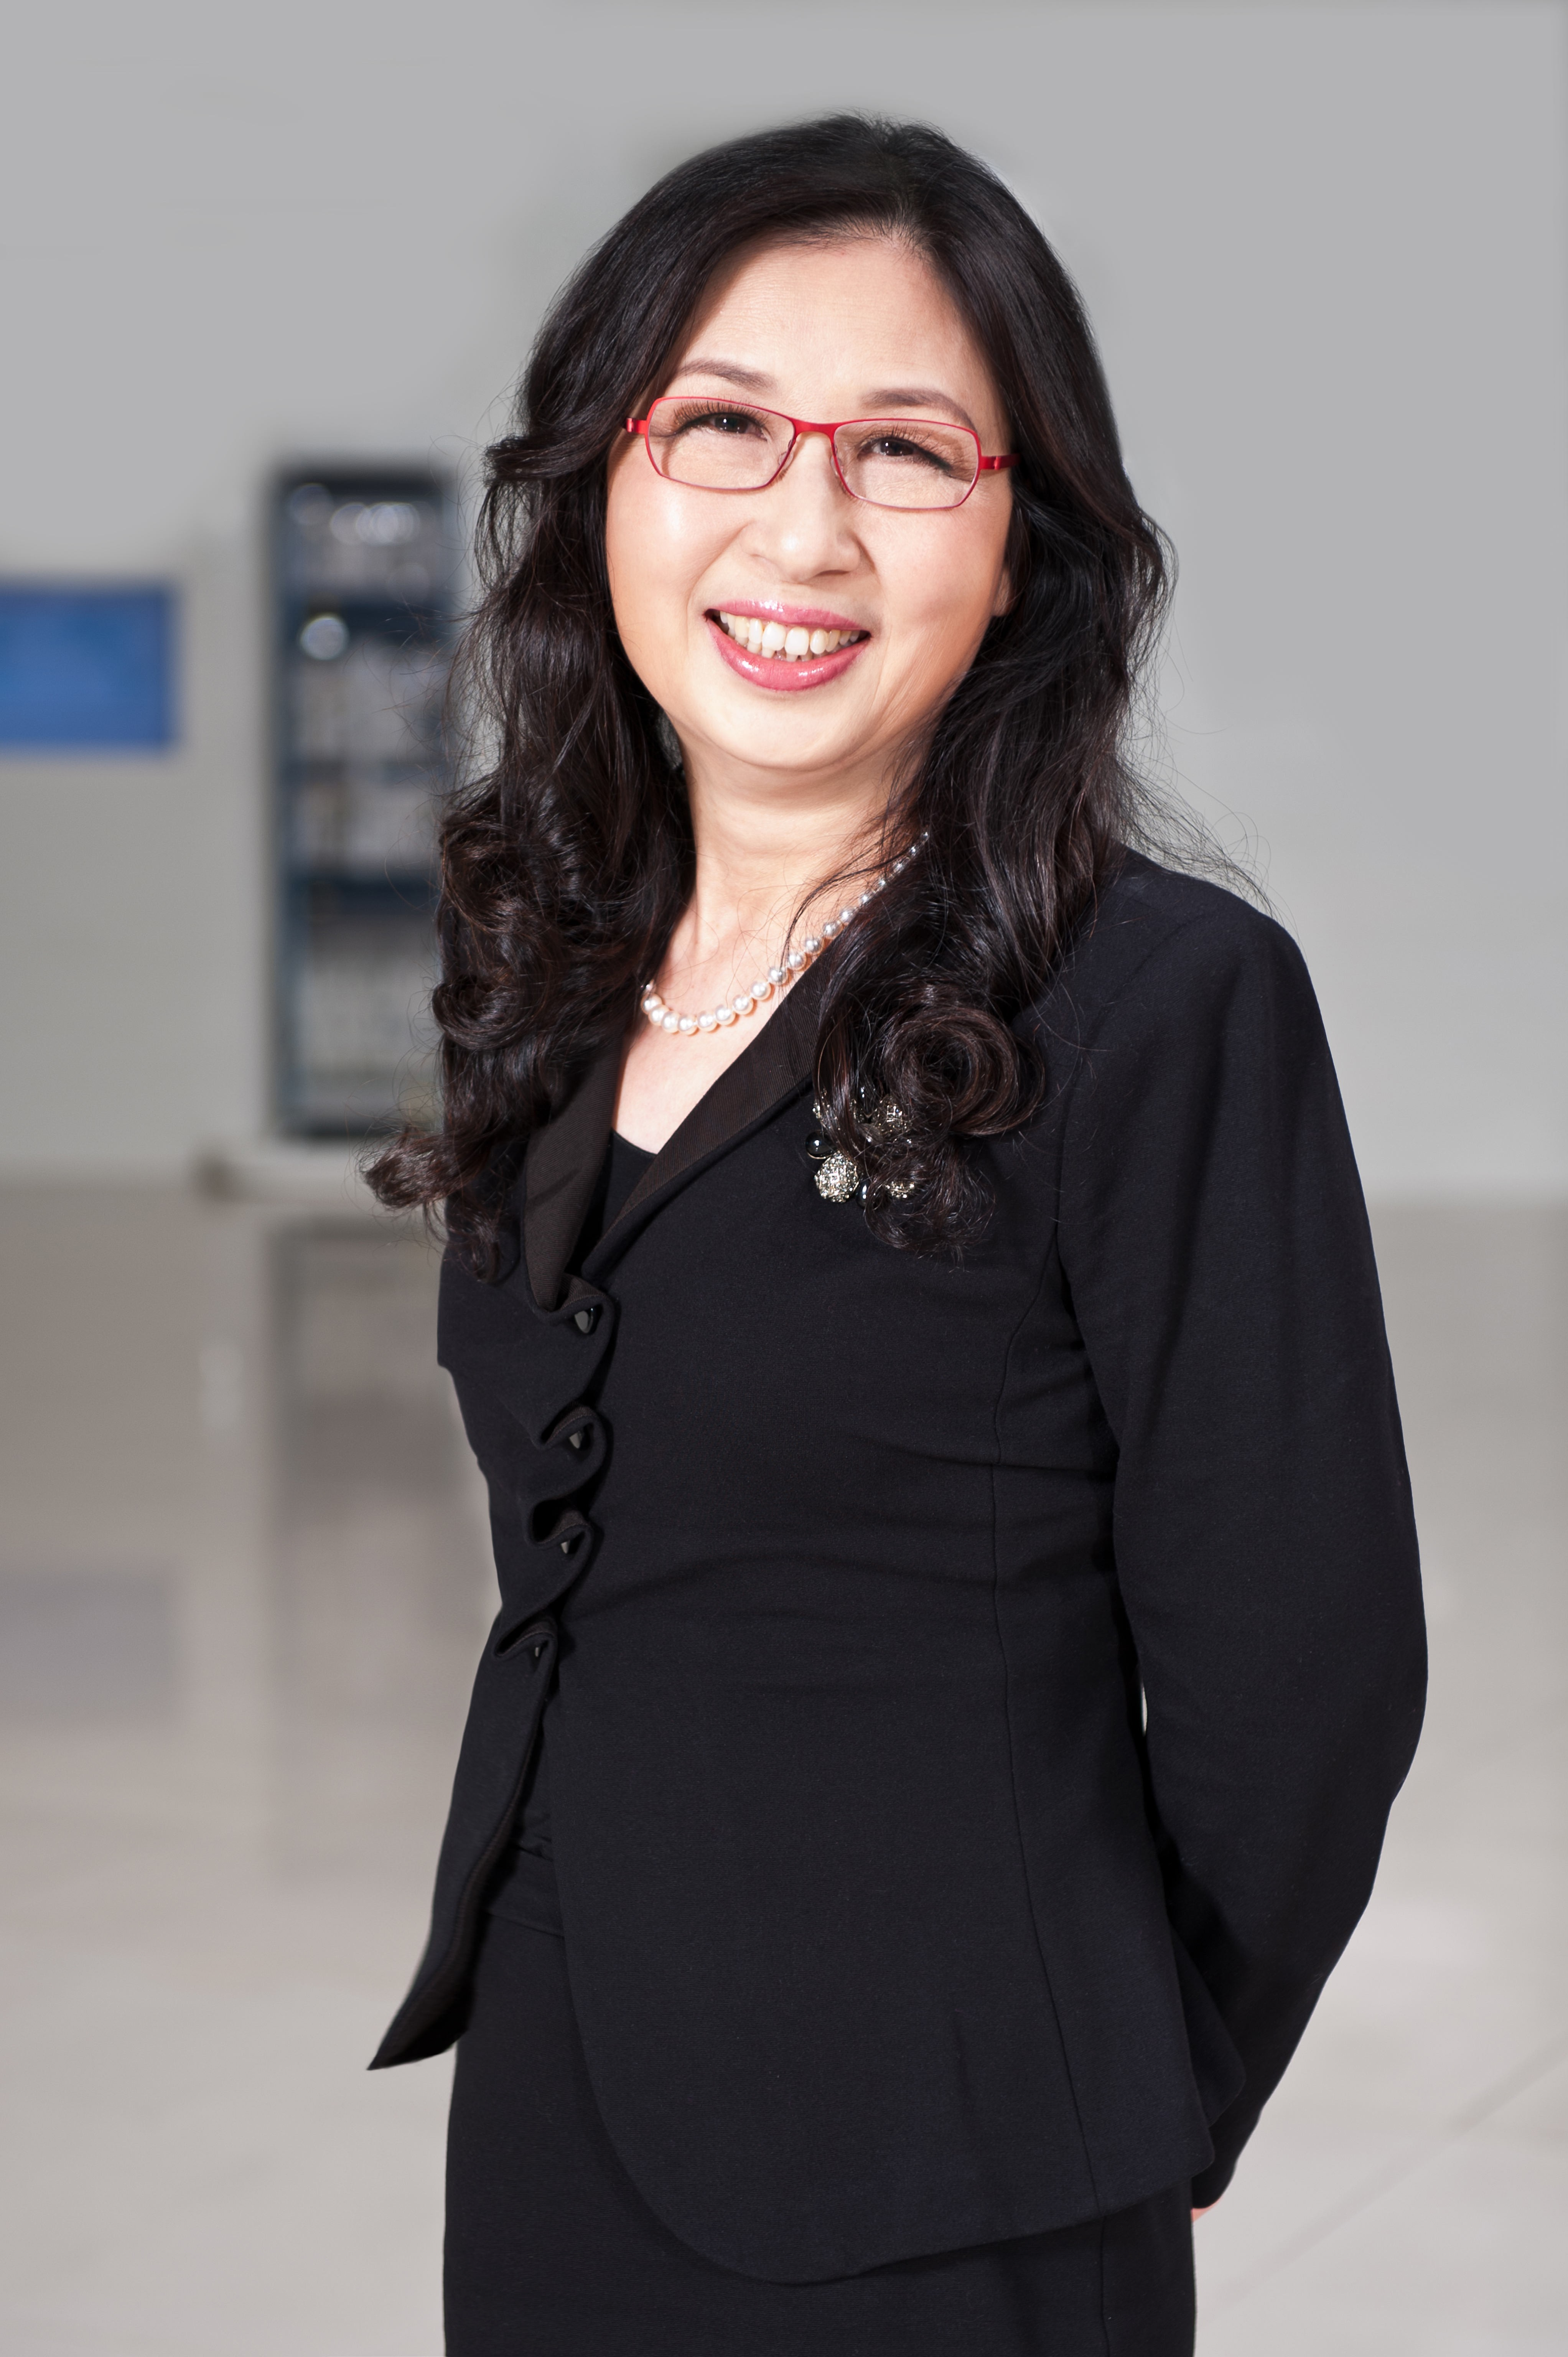 Sun Yafang - Chairwoman Board Huawei Technologies